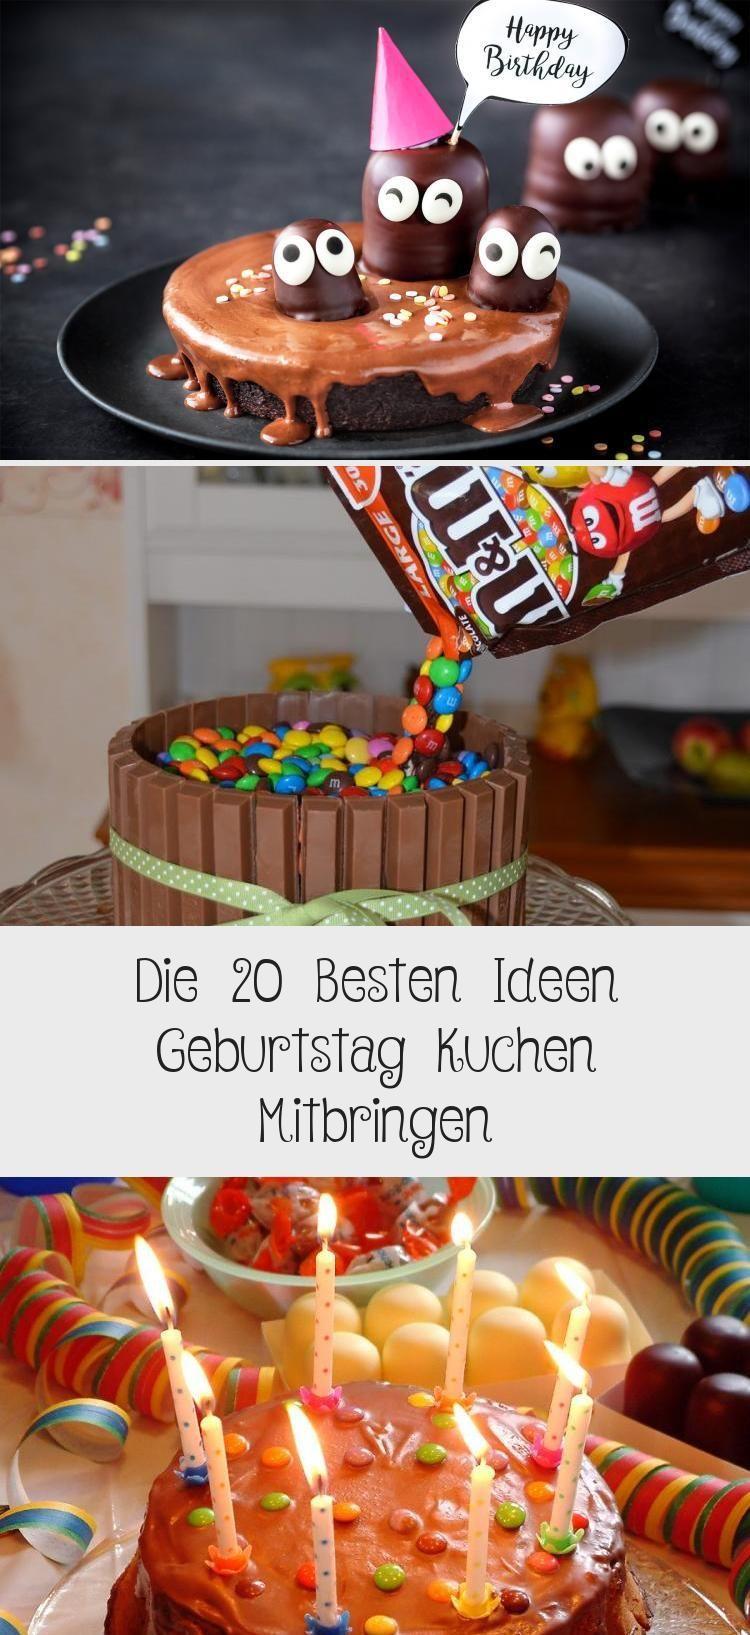 Photo of geburtstag kuchen mitbringen.Die 20 Besten Ideen Geburtstag Kuchen Mitbringen #P…